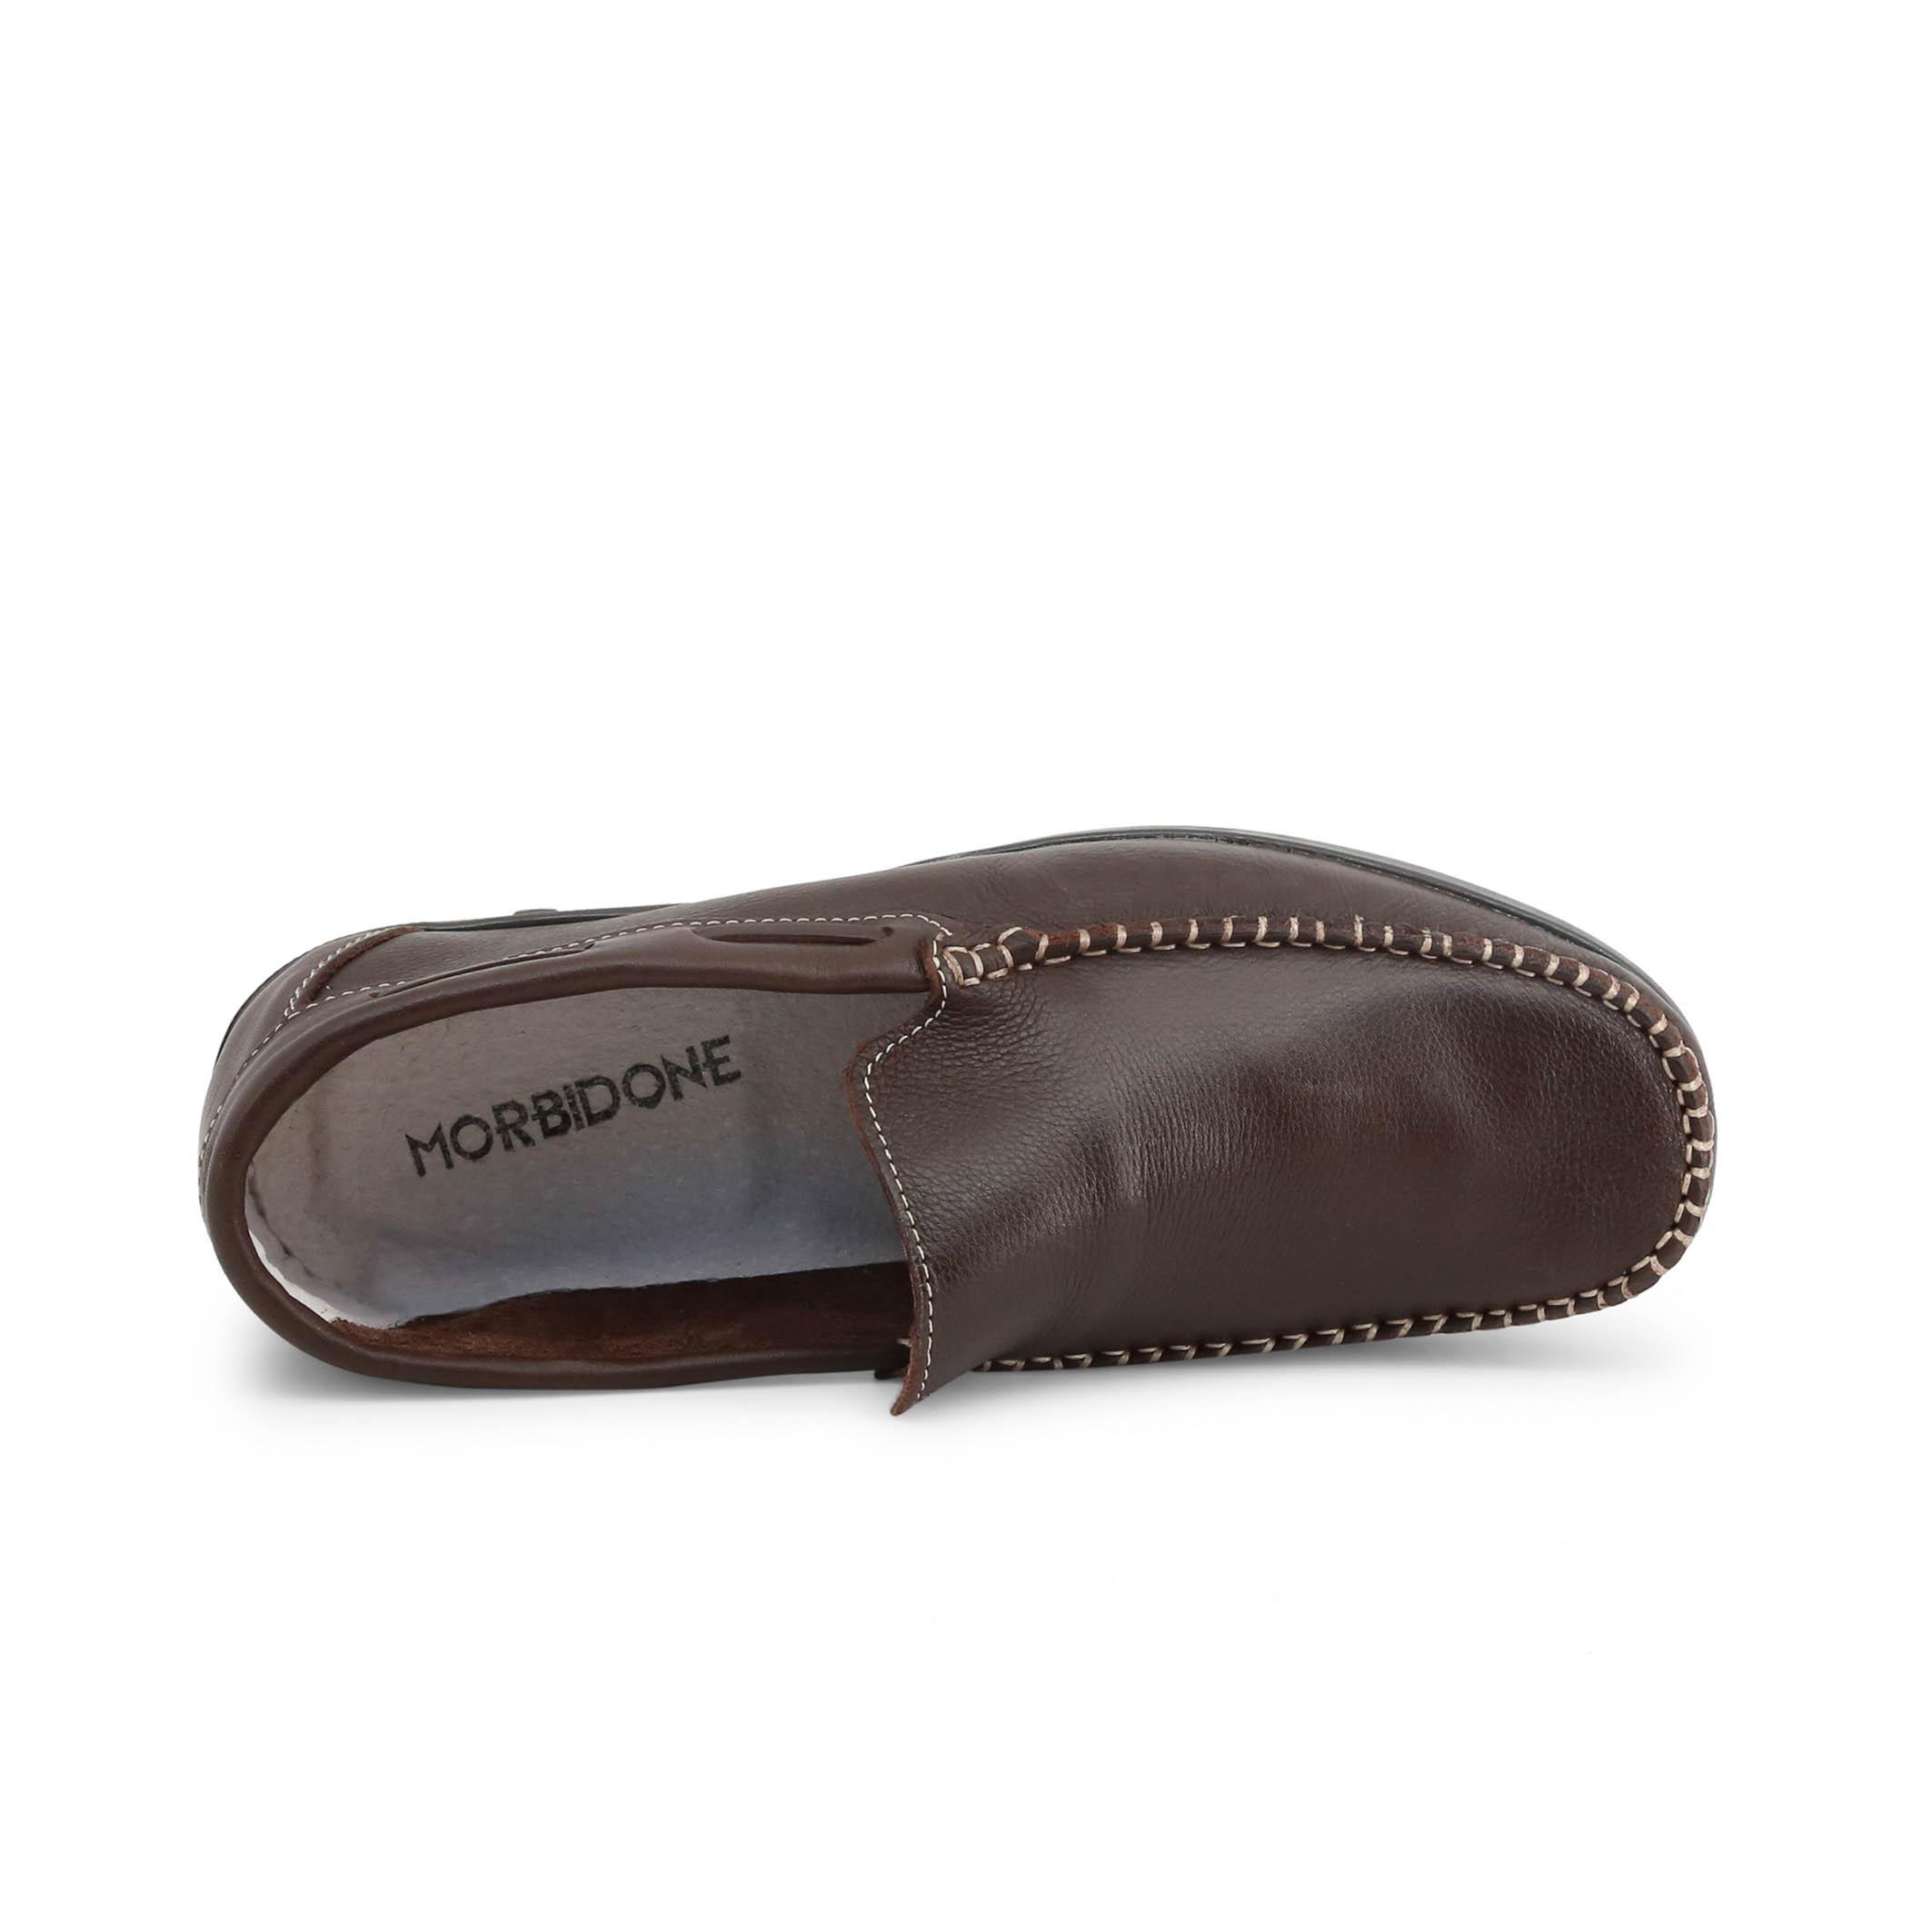 Morbidone  | You Fashion Outlet